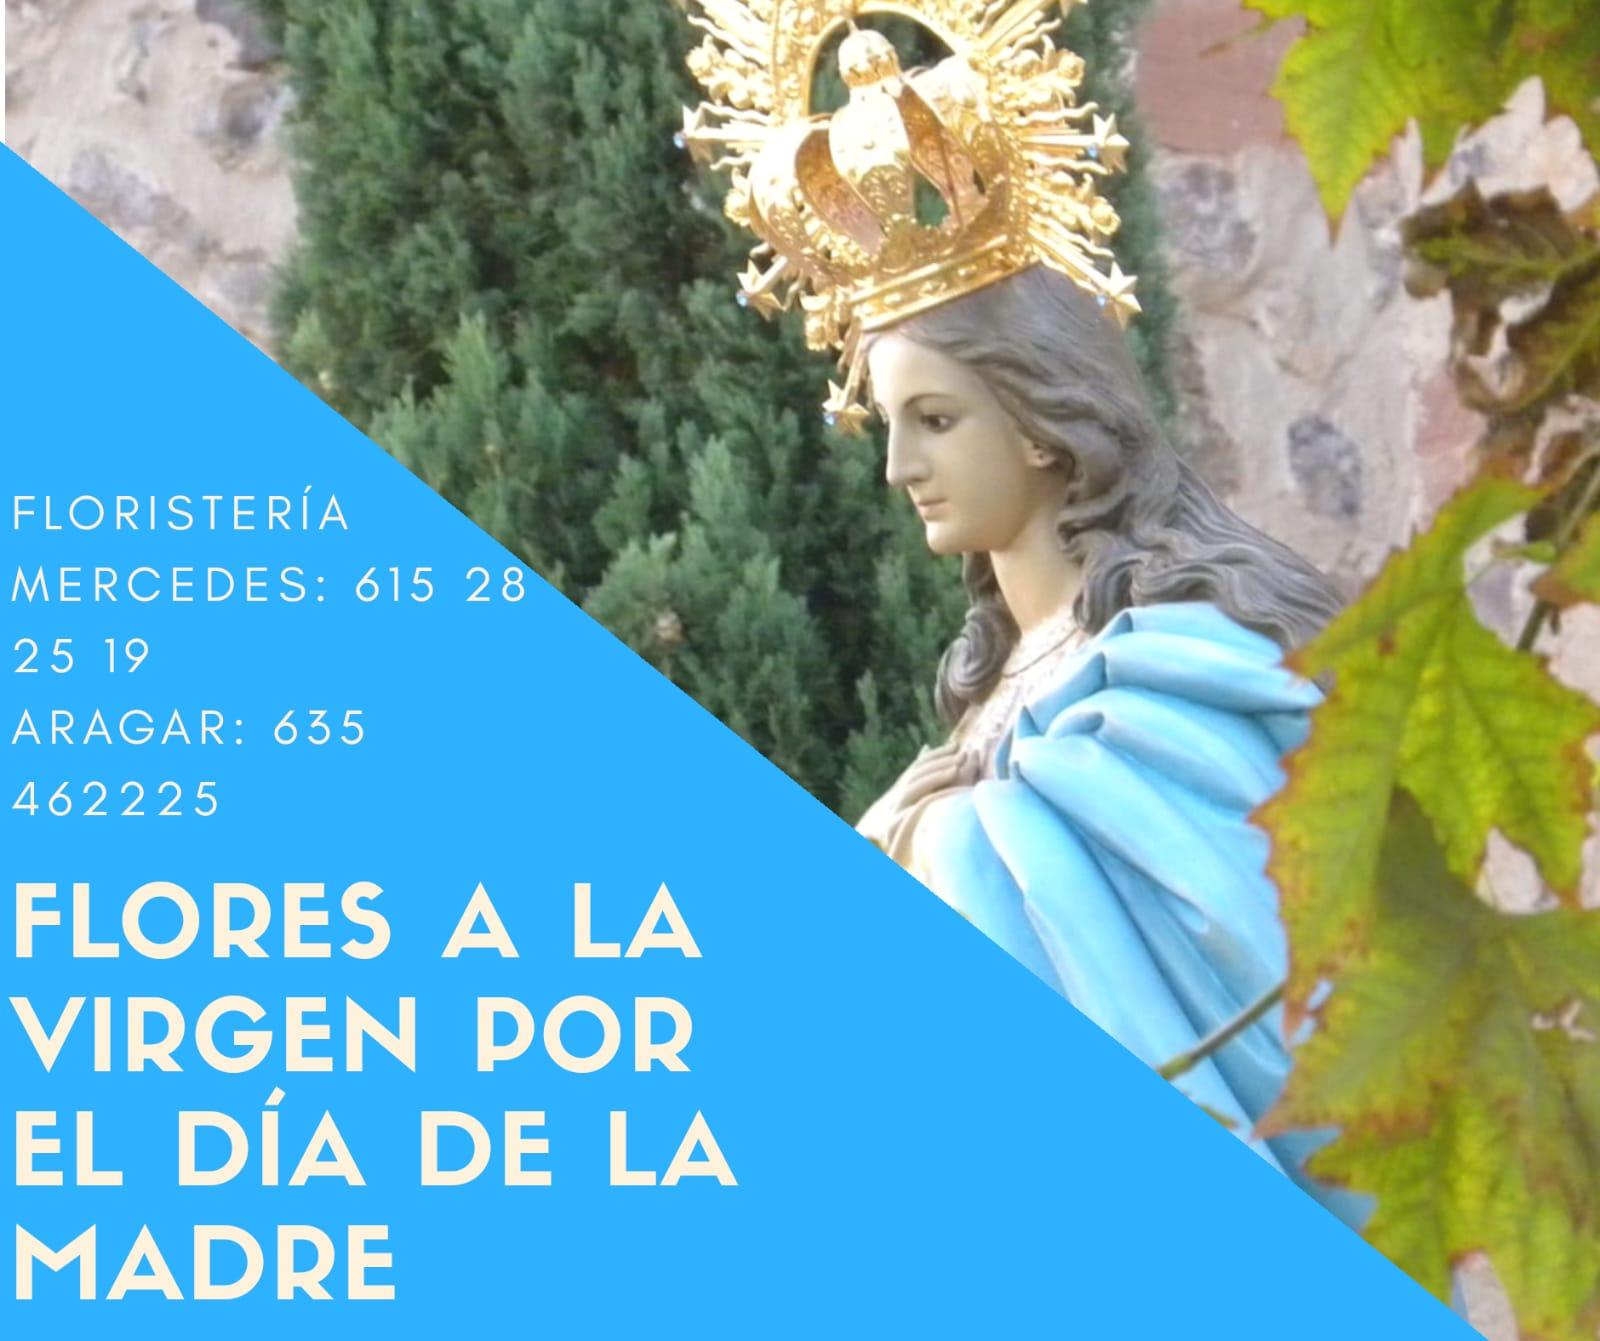 La parroquia Inmaculada Concepción inicia un mes de mayo dedicado a María 15